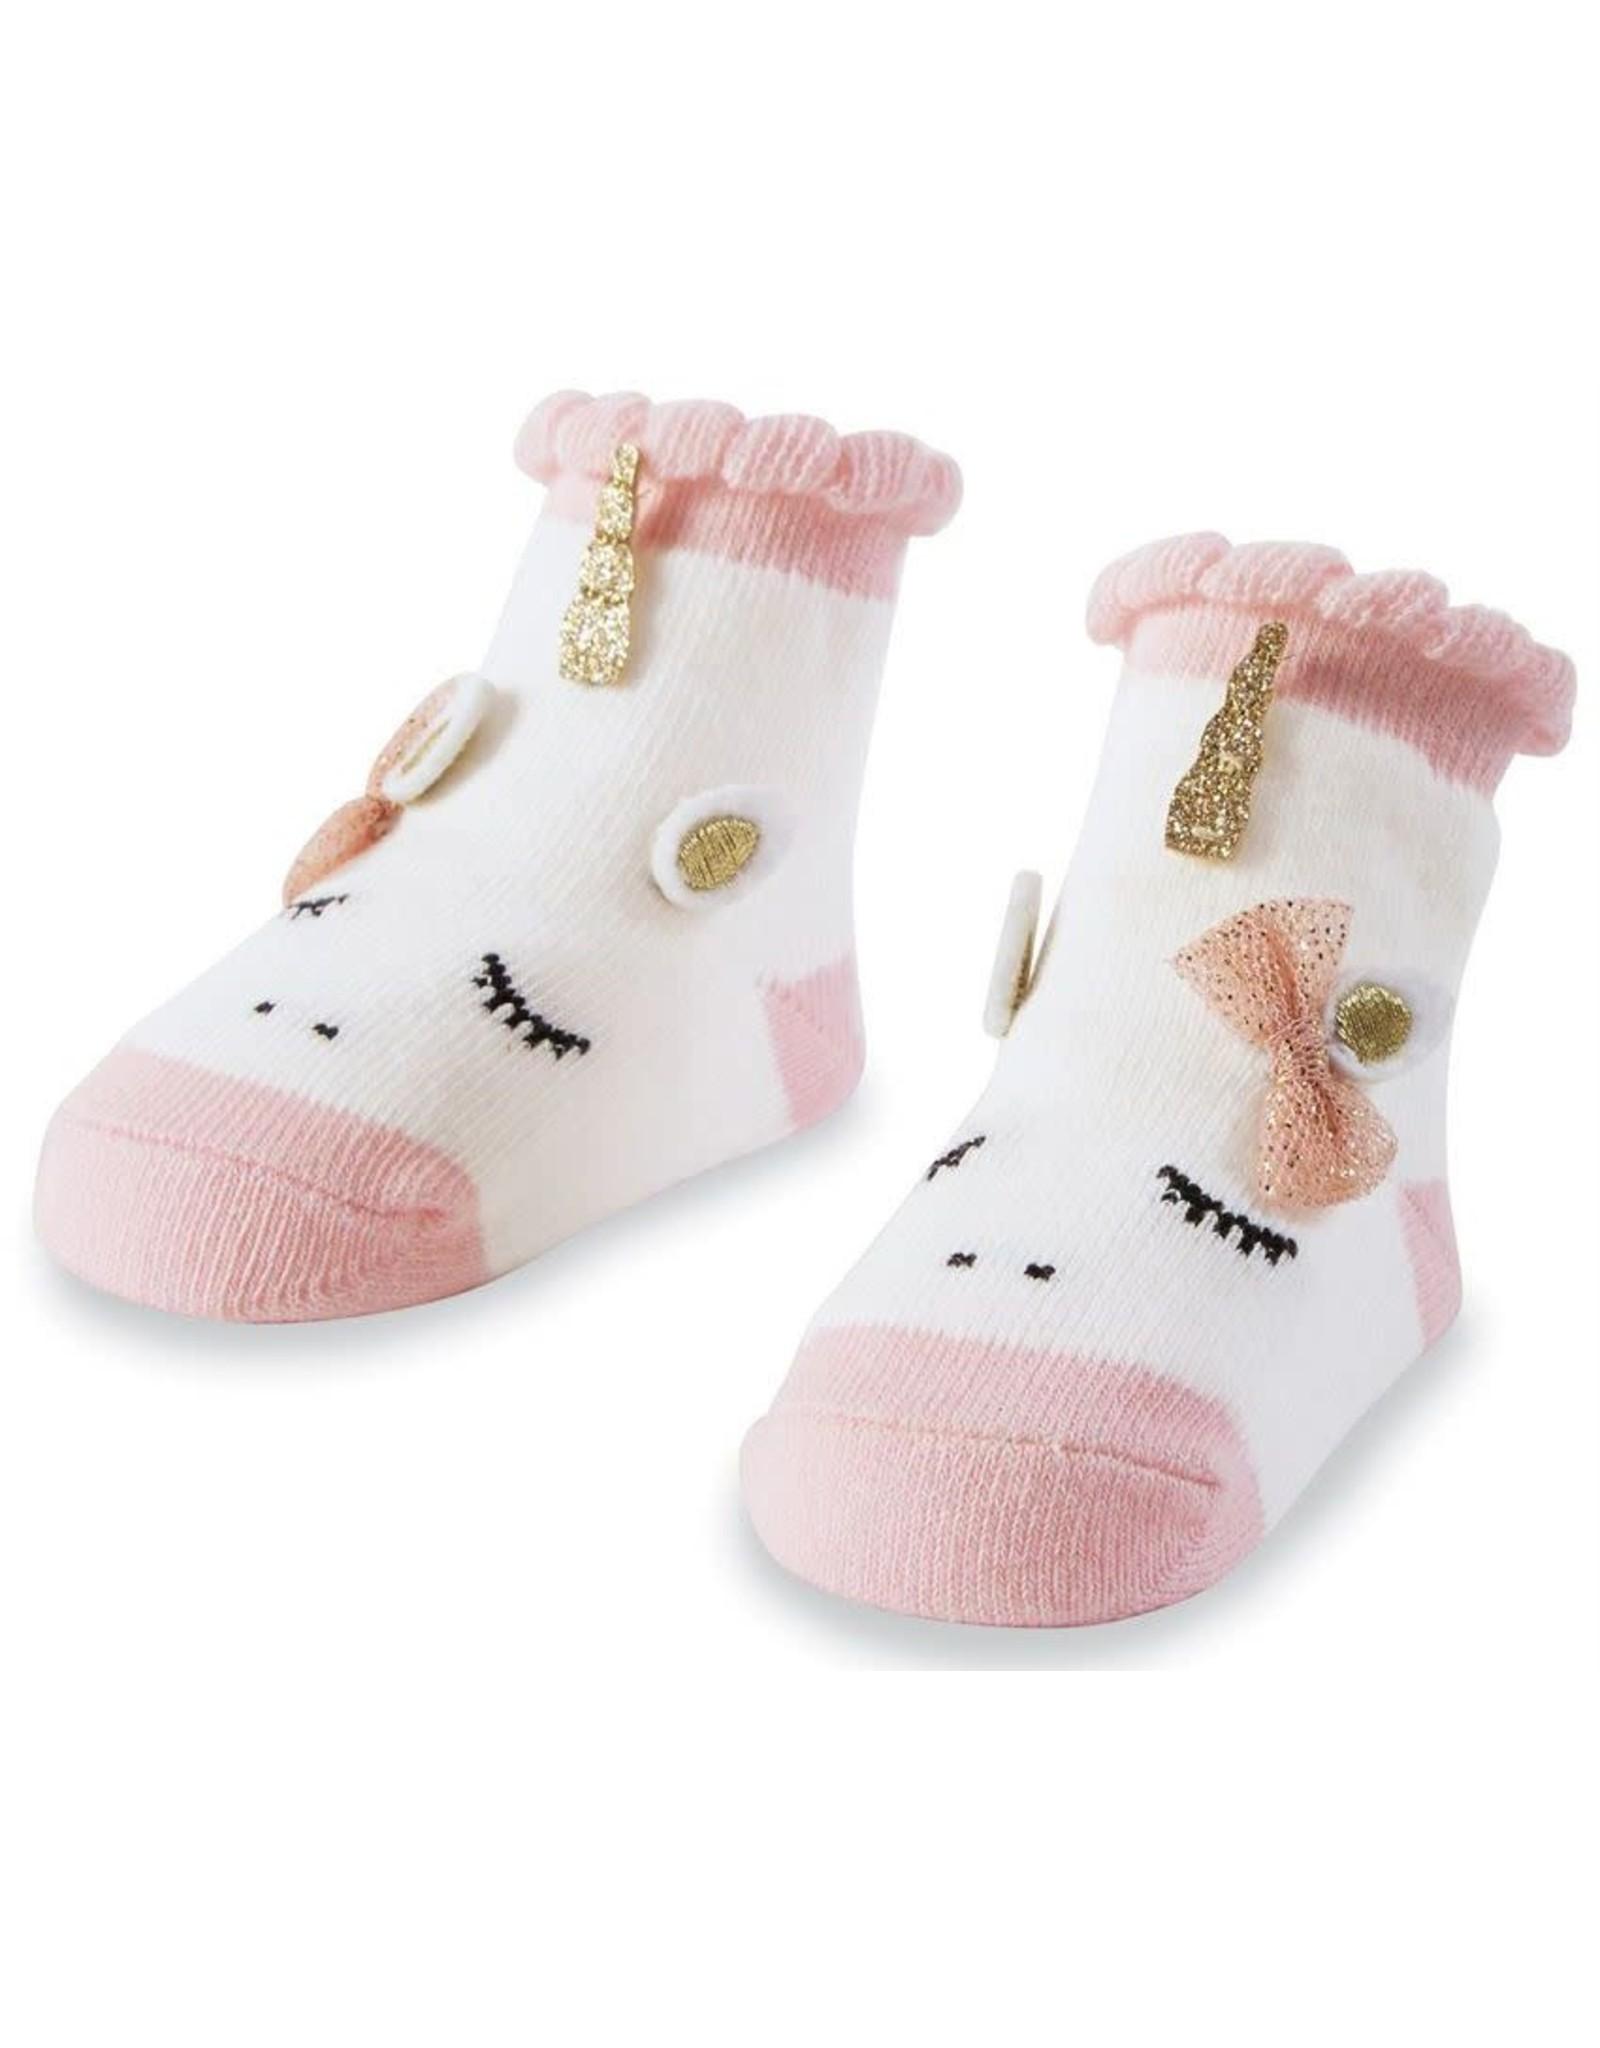 Mud Pie Mud Pie- Baby Socks